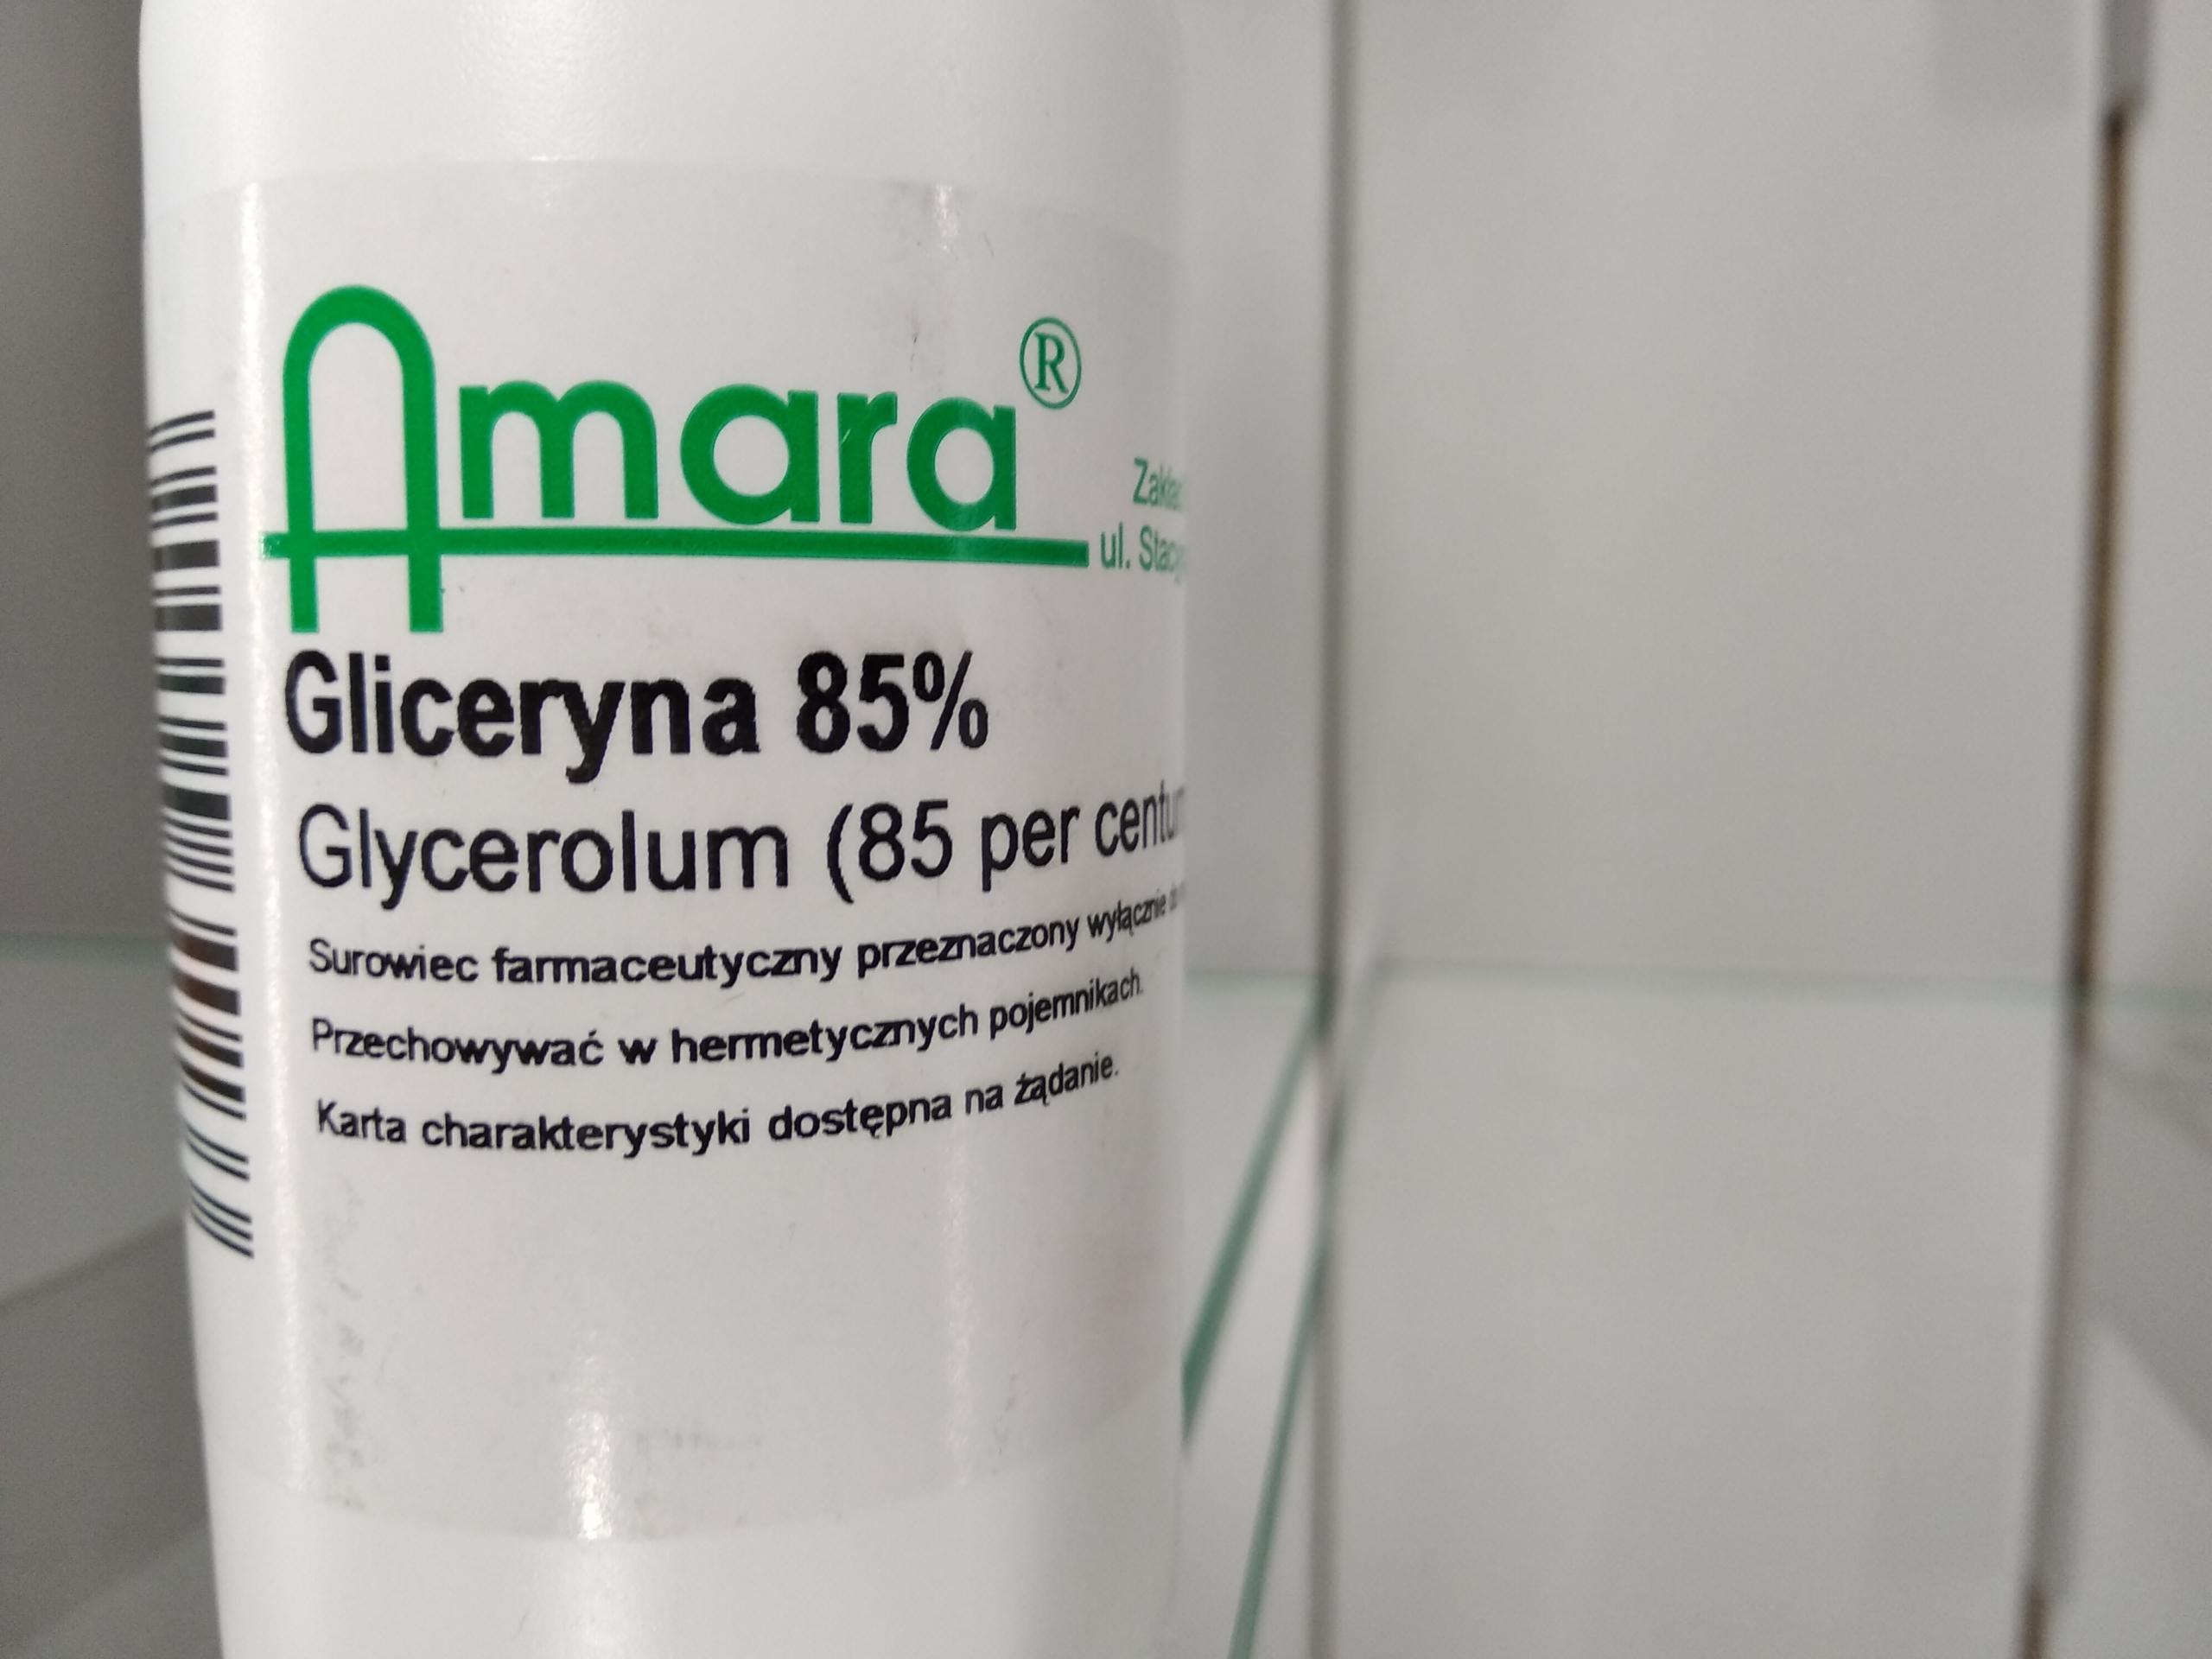 Podmiot odpowiedzialny podejrzewa brak spełnienia wymagań jakościowych tego surowca farmaceutycznego (fot. MGR.FARM)